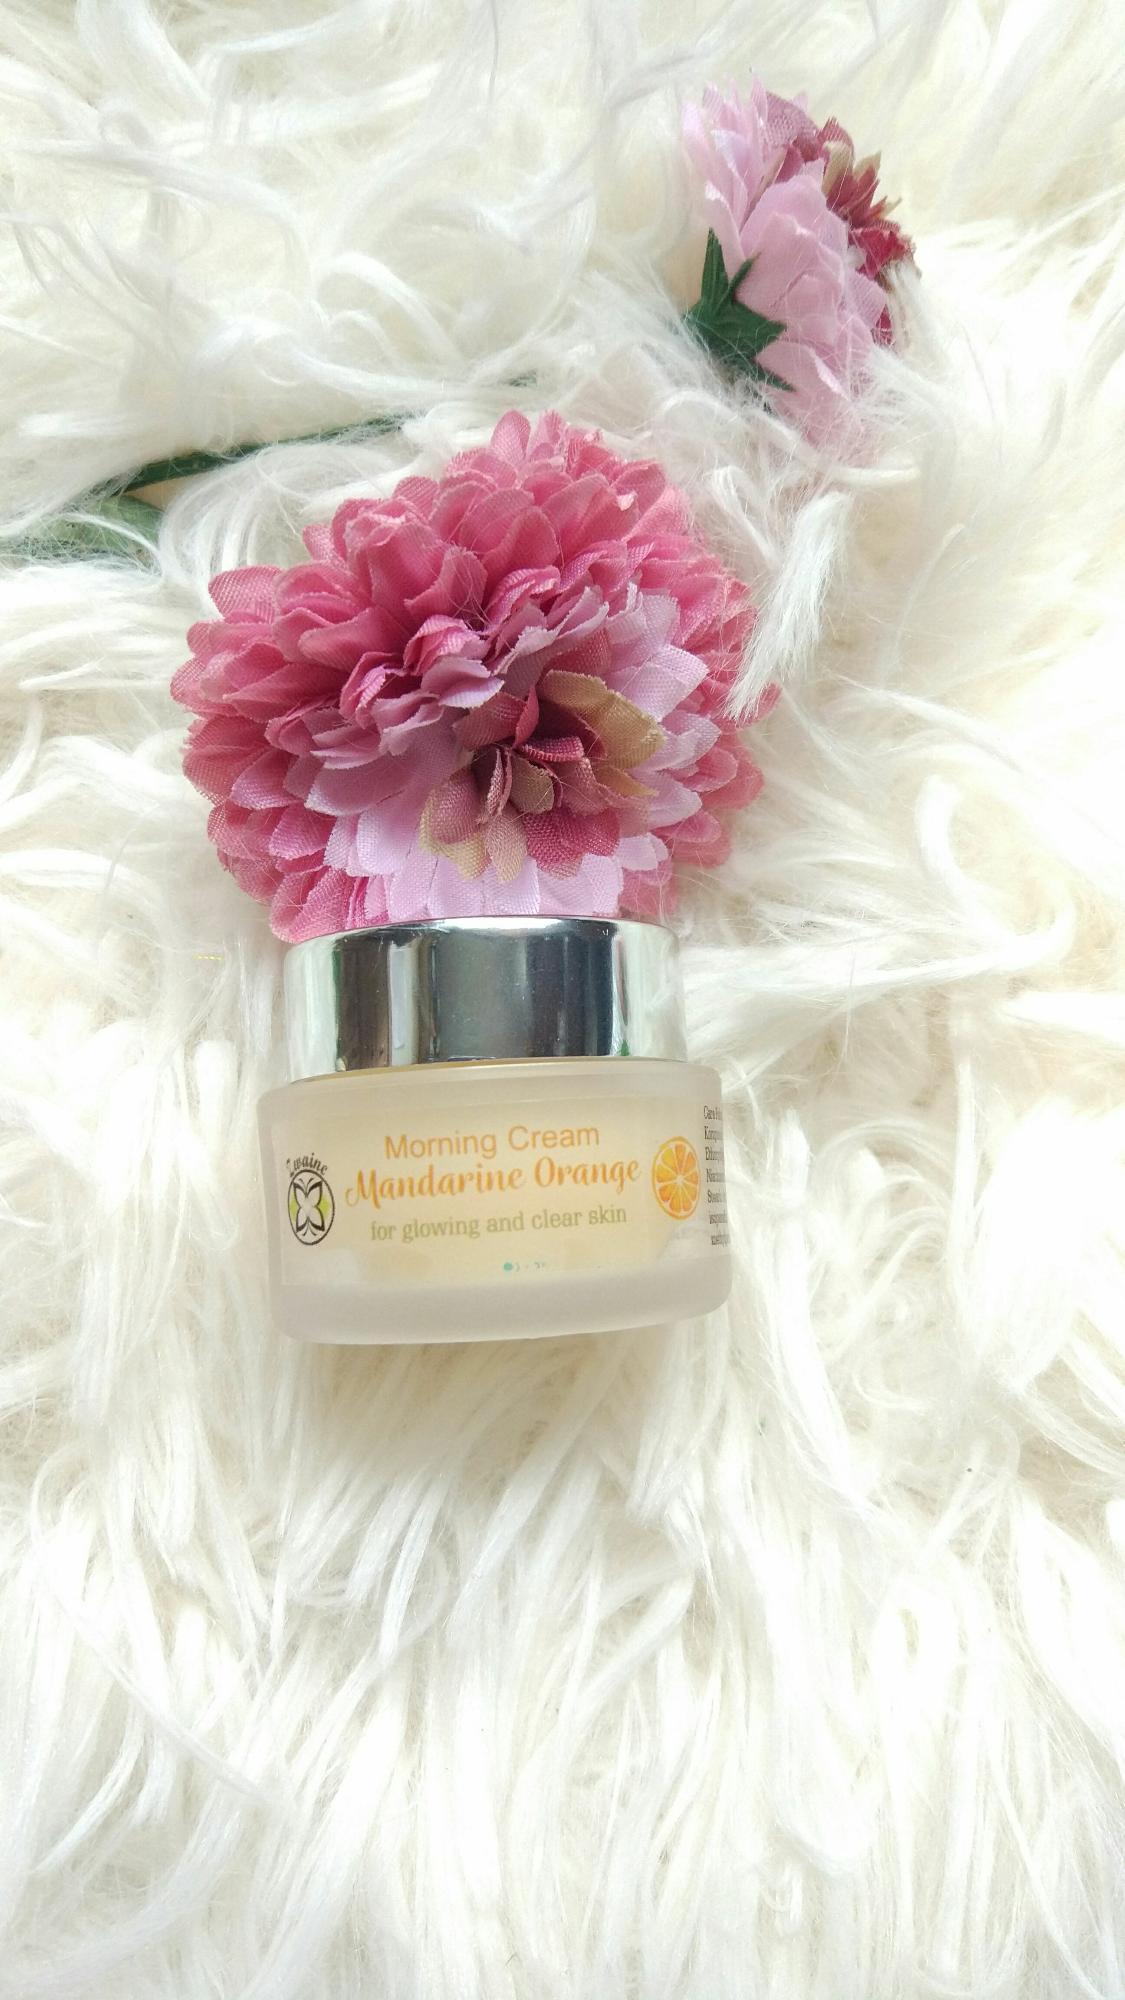 Jual Magic Plus White Cream Premium Krim Pemutih Wajah Murah Cr Original Biru Pagi Berminyak Zwaine Mandarin Orange Morning